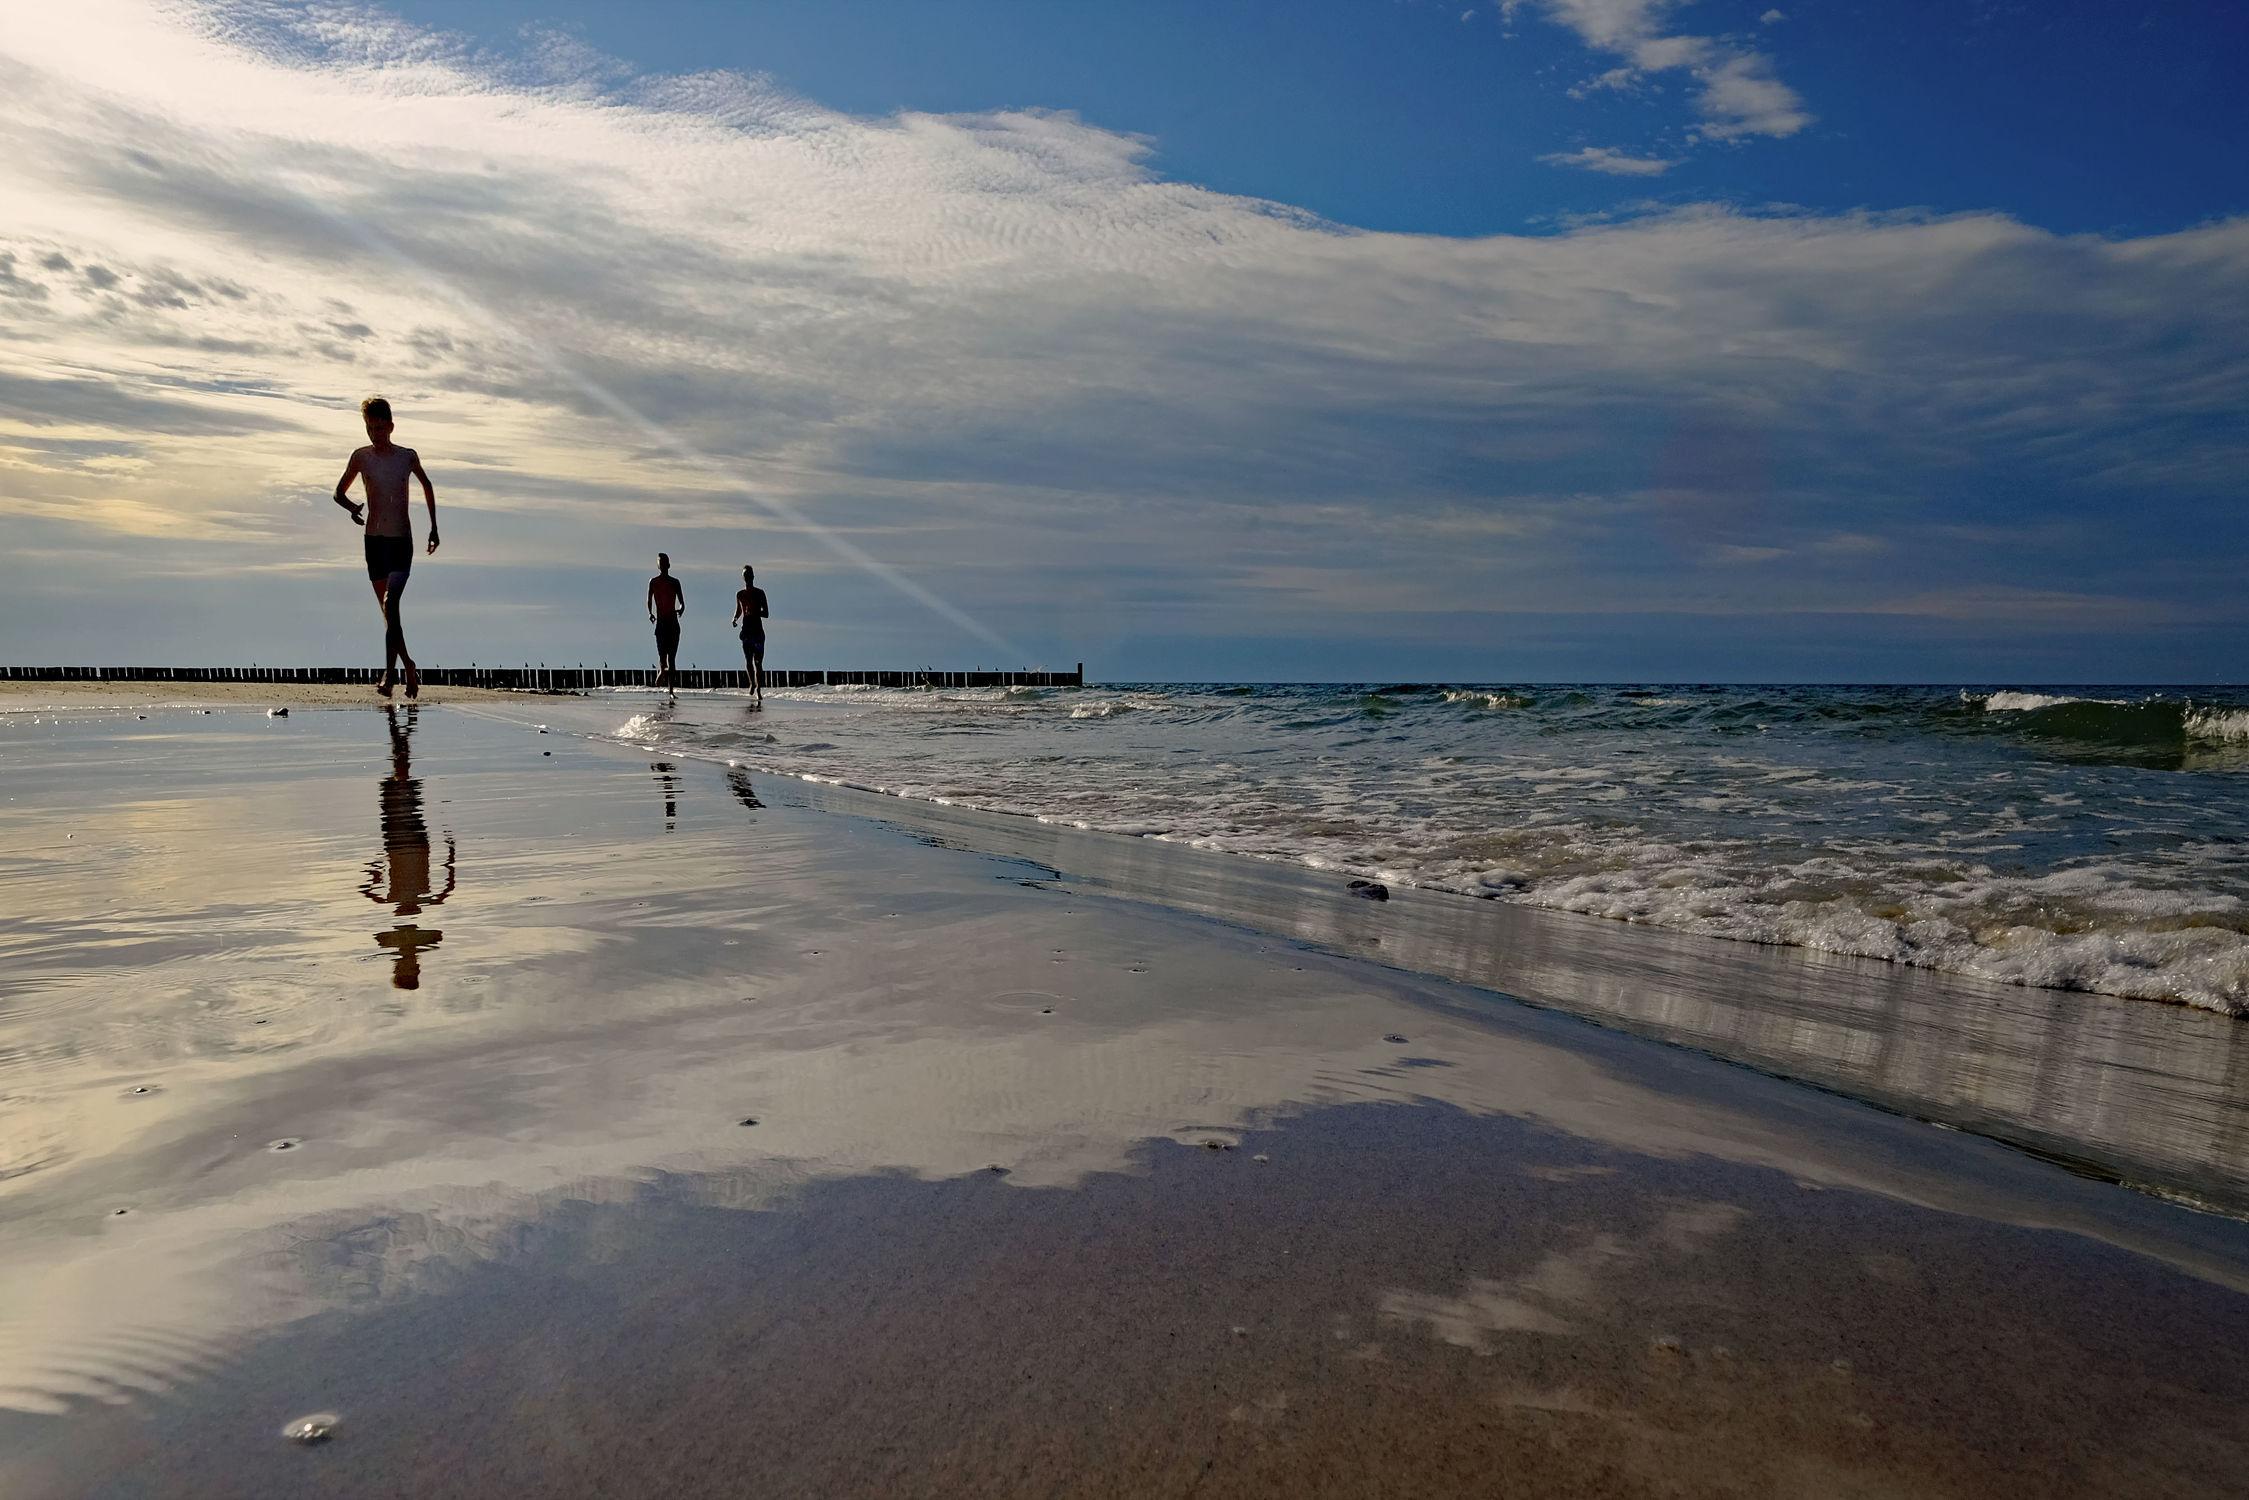 Bild mit Himmel, Sonnenuntergang, Strand, Ostsee, Abend, Polen, Strand. Meer, Läufer, Geher, Sportler